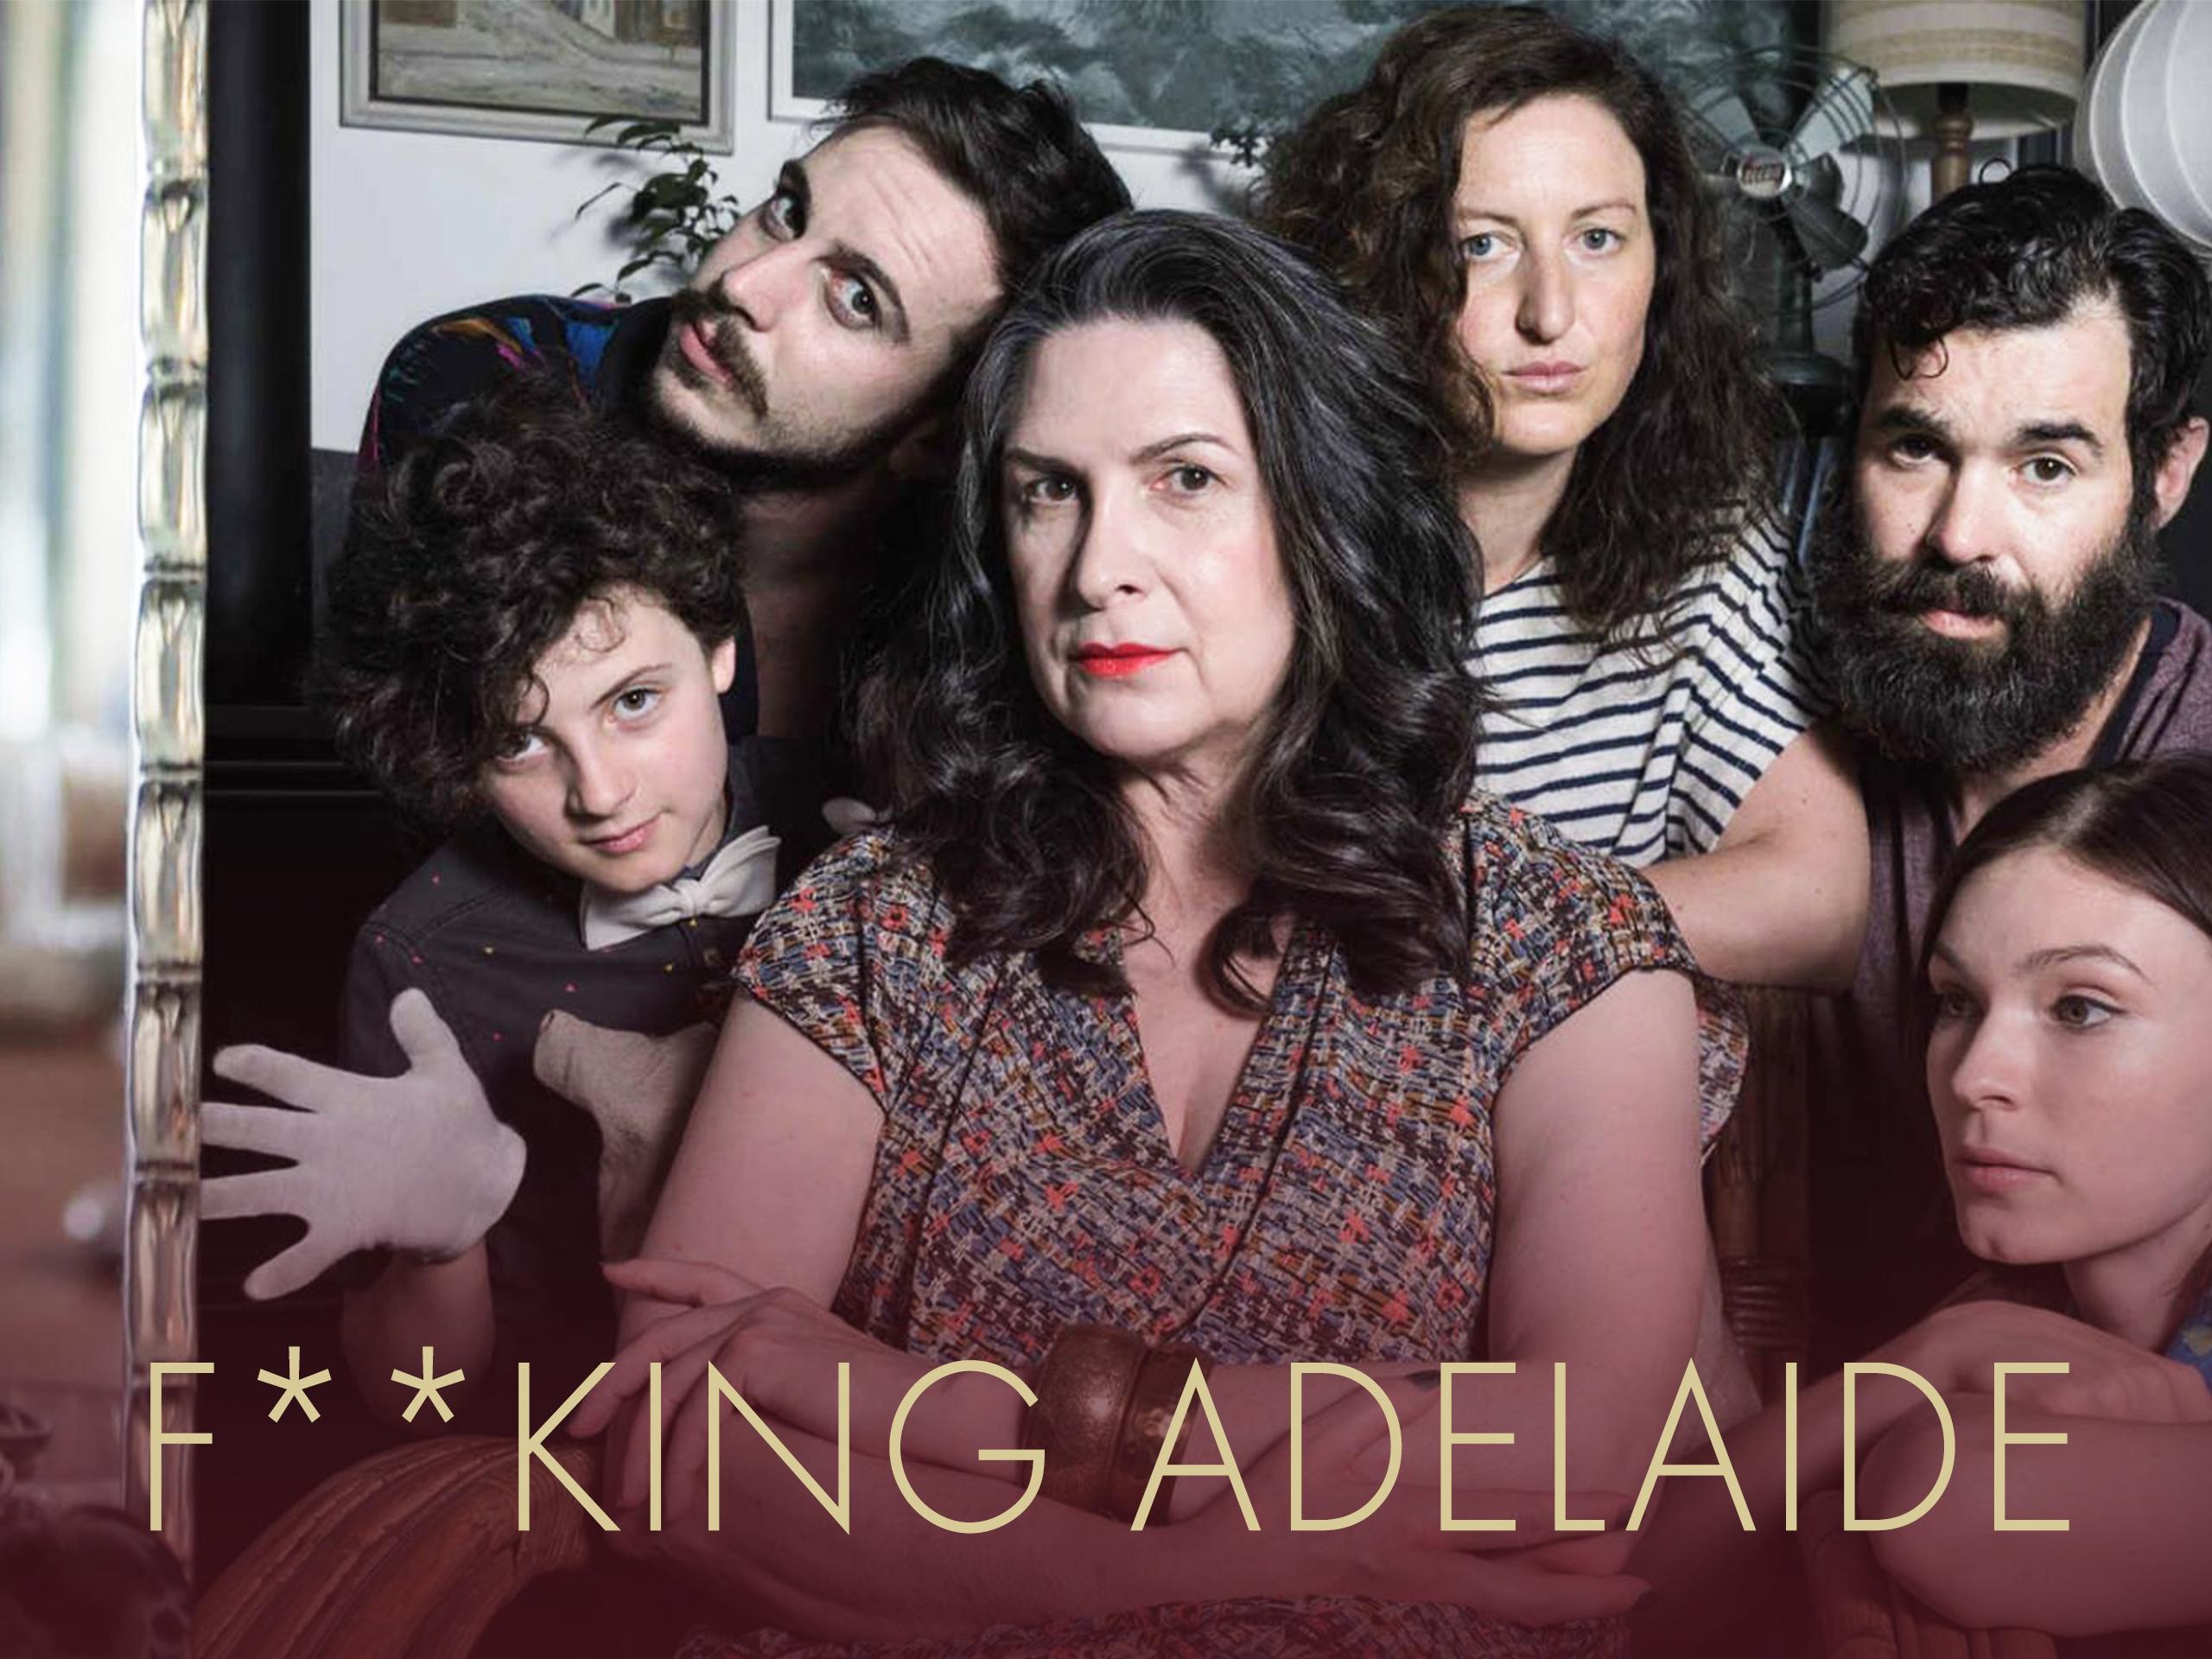 F*cking Adelaide